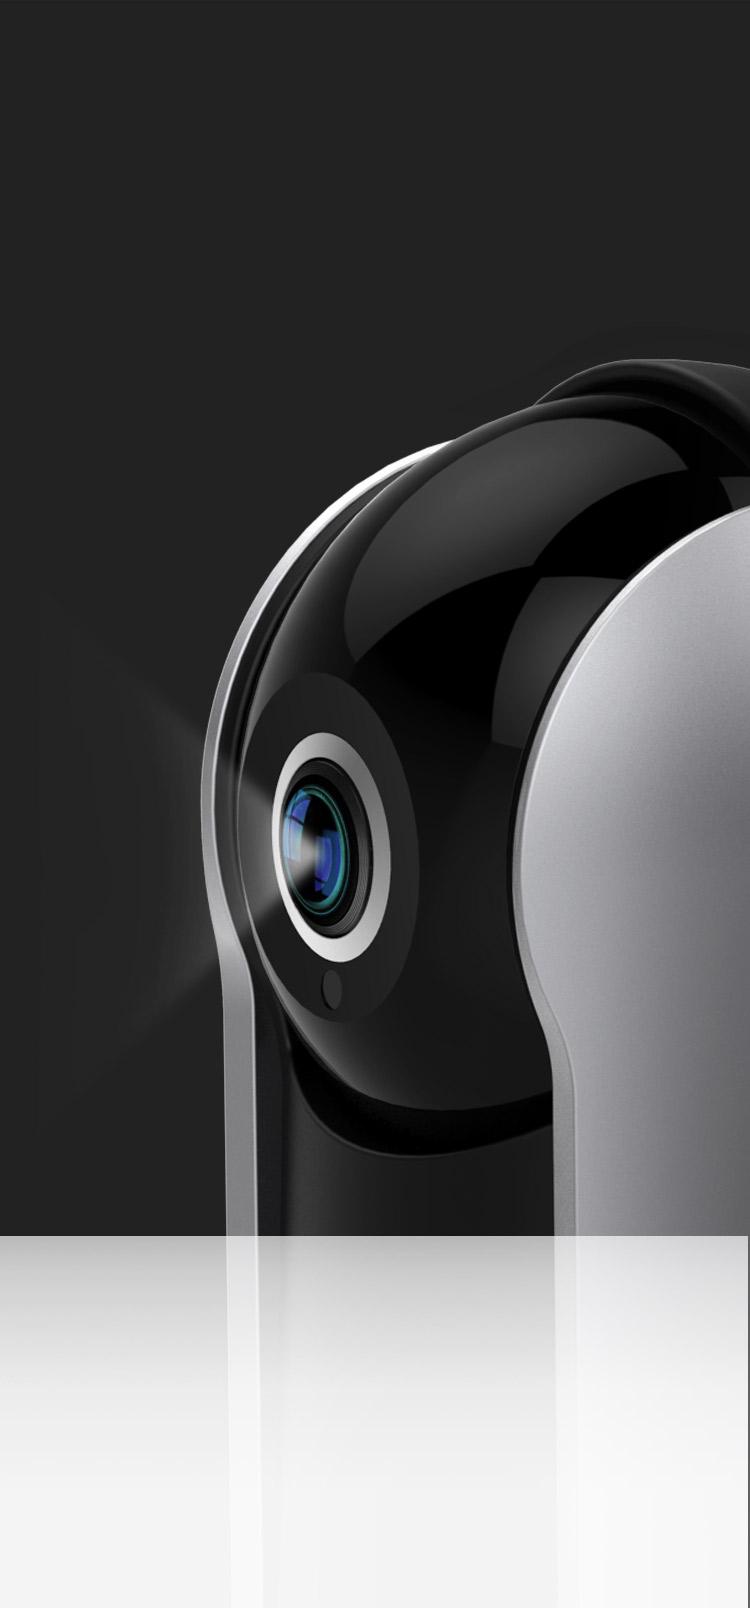 Zmodo Snap PT - 360° Pan & Tilt Wireless Indoor Security